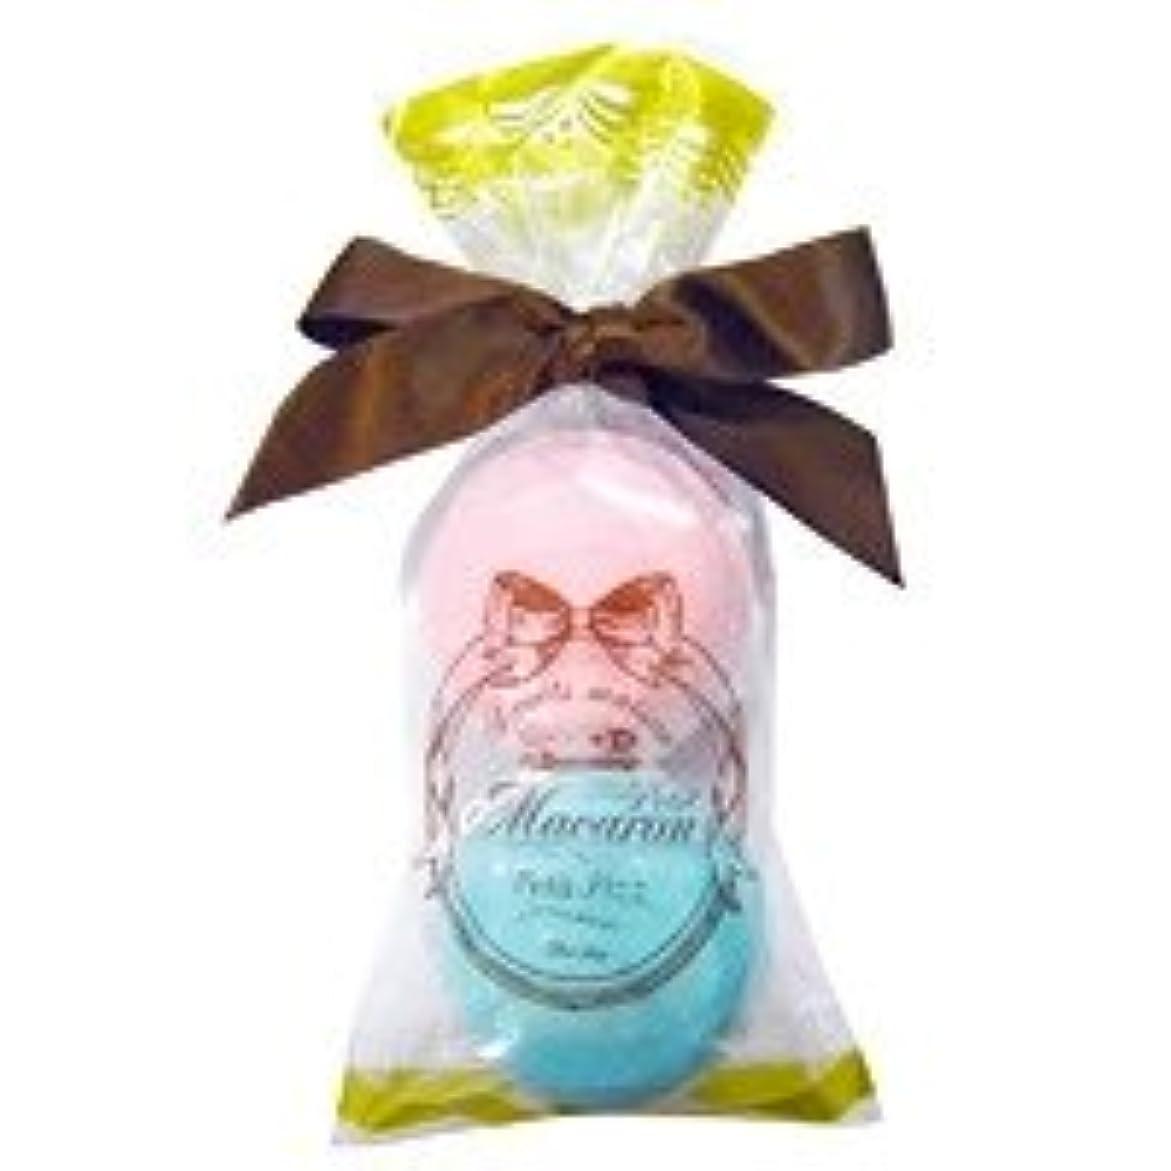 フィクション現代のインスタンススウィーツメゾン プチマカロンミニセット「ピンク&ターコイズ」6個セット 甘酸っぱいラズベリーの香り&香り豊かなグリーンティの香り